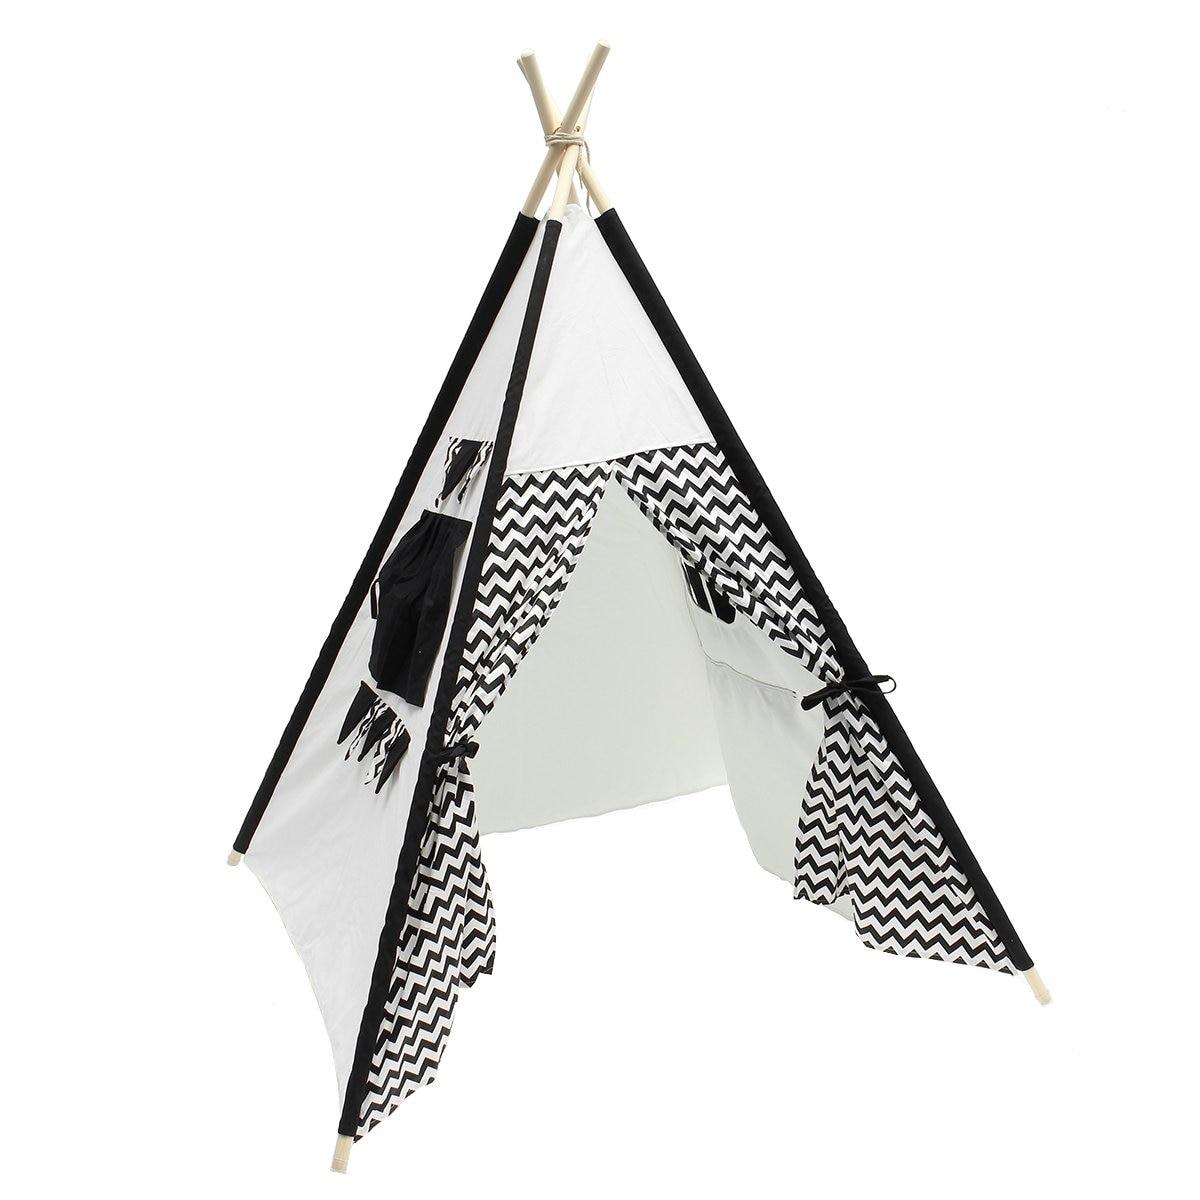 Grande toile de coton Tipi Original enfants Tipi avec tente de jeu indienne grise maison enfants en plein air intérieur Tipi Tee Pee tente